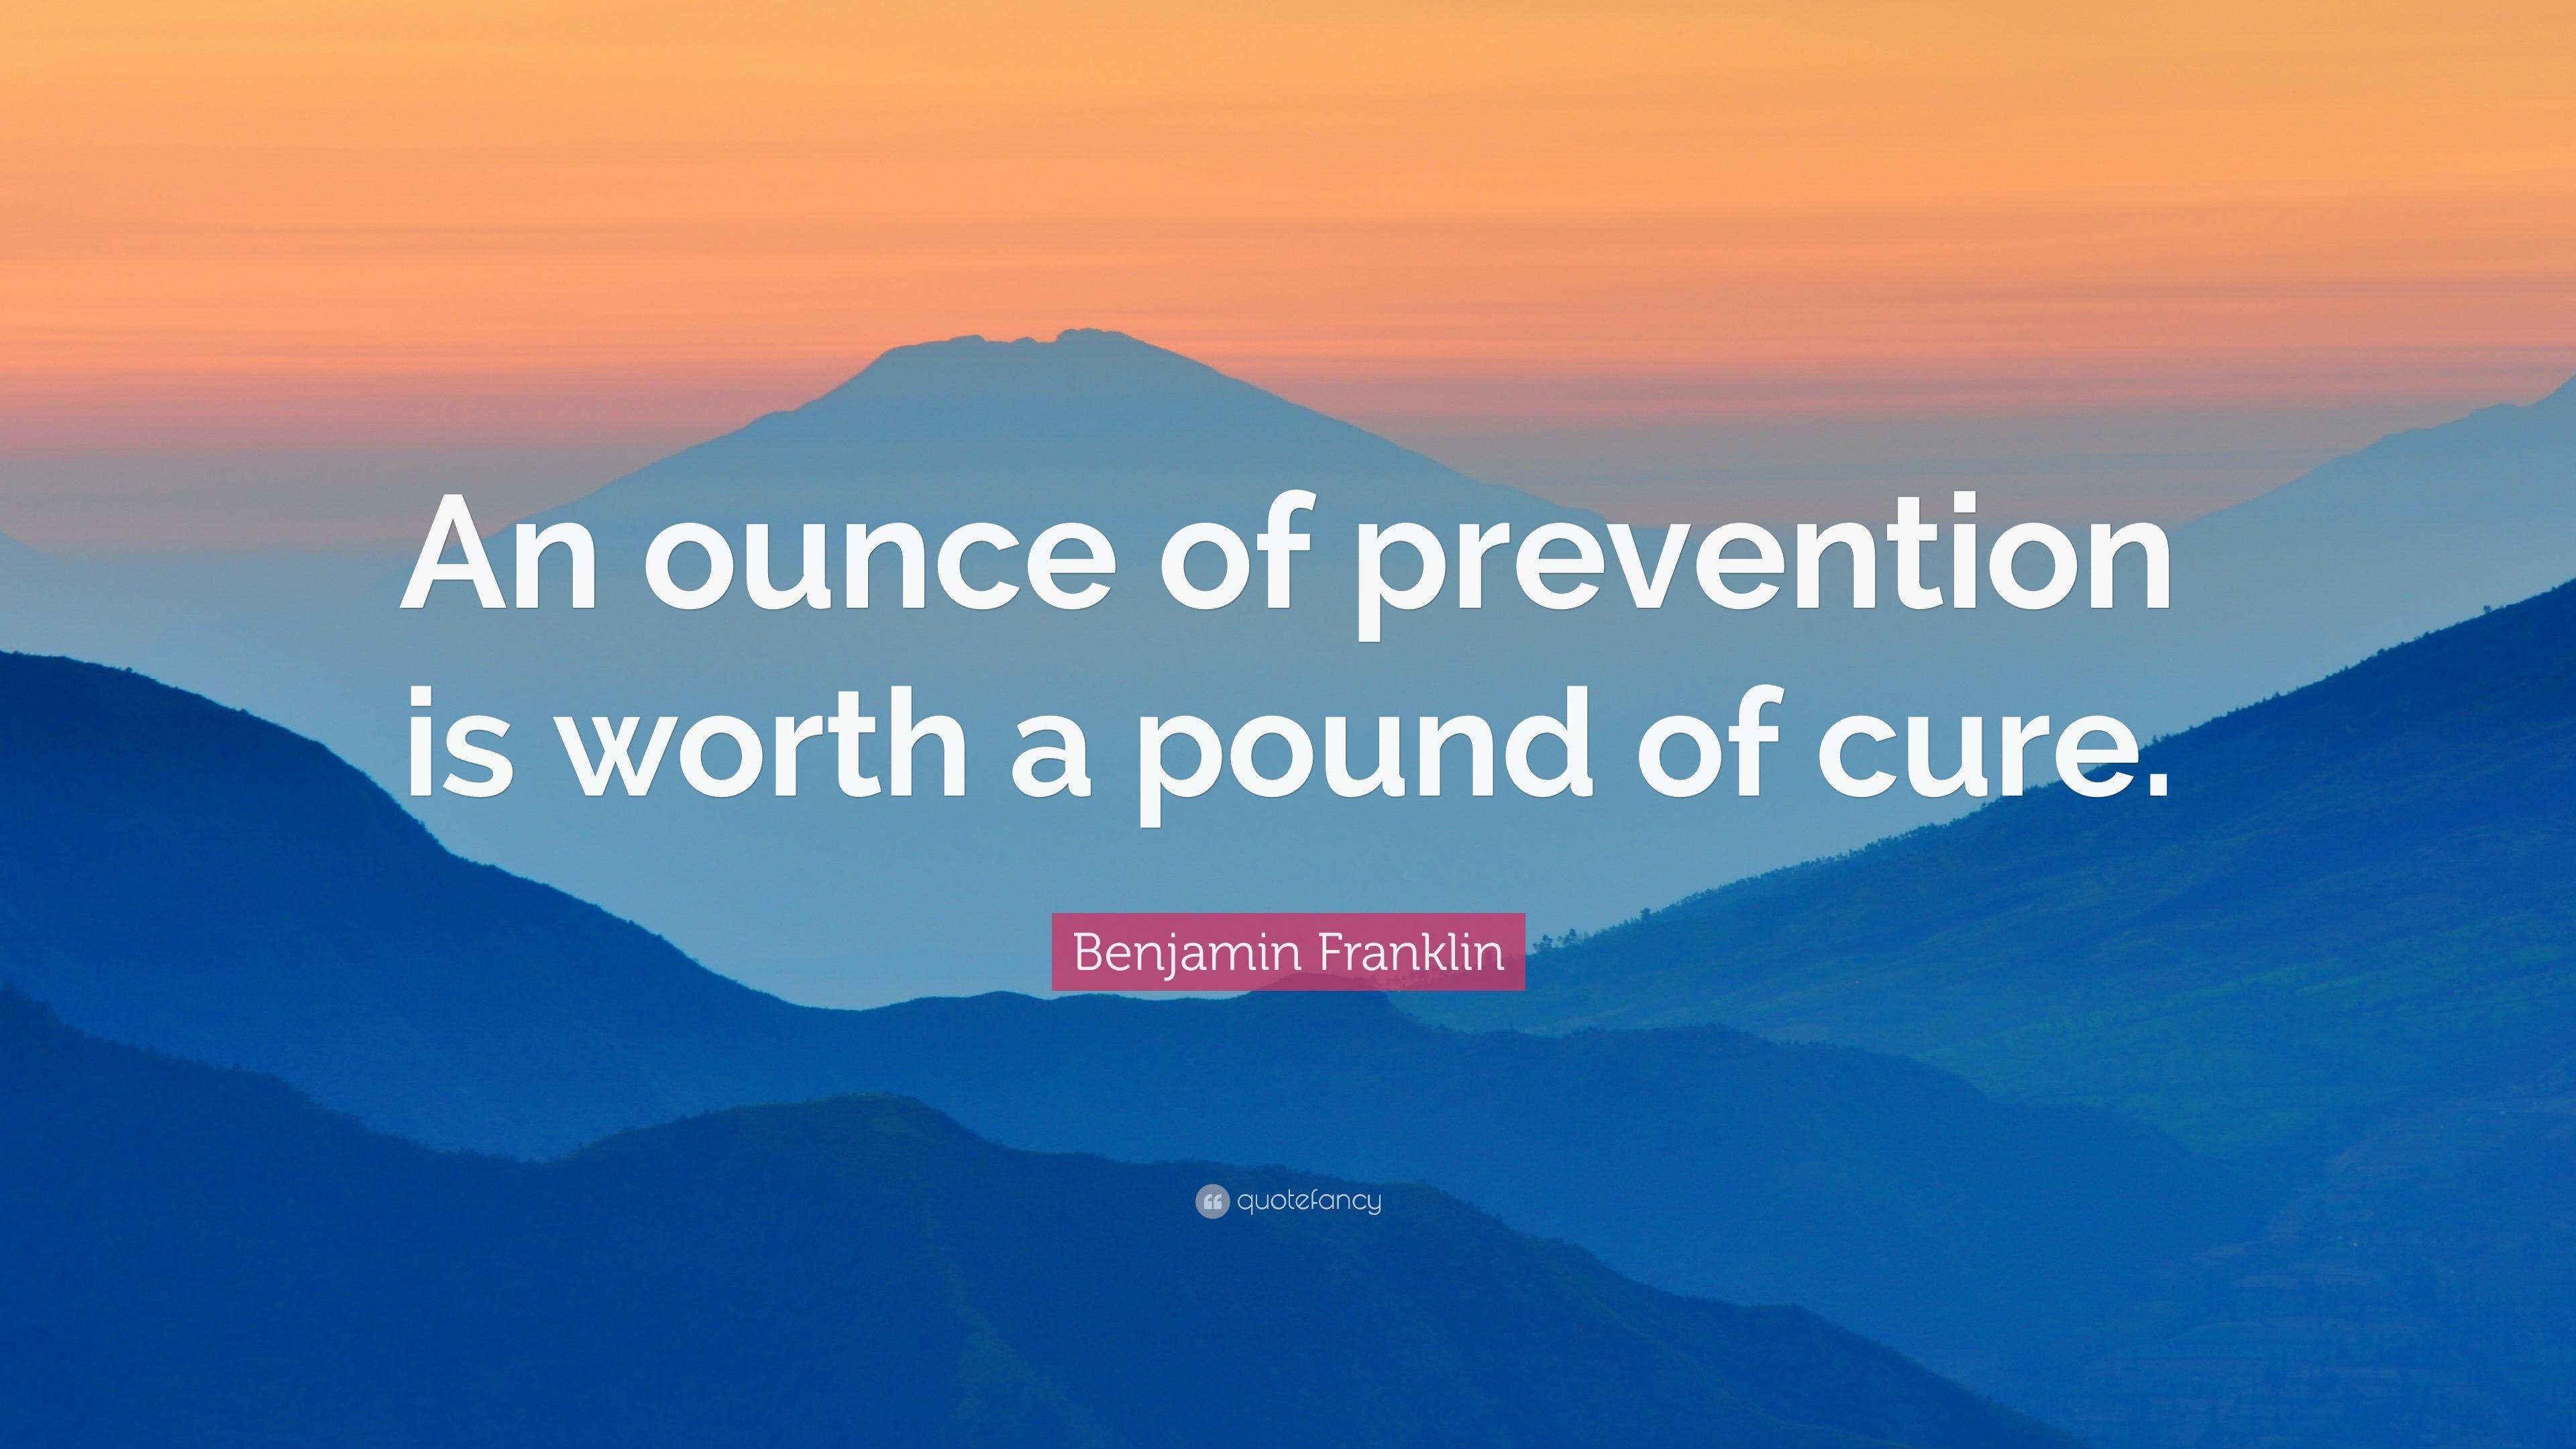 Benjamin Franklin Quotes 100 Wallpapers Quotefancy